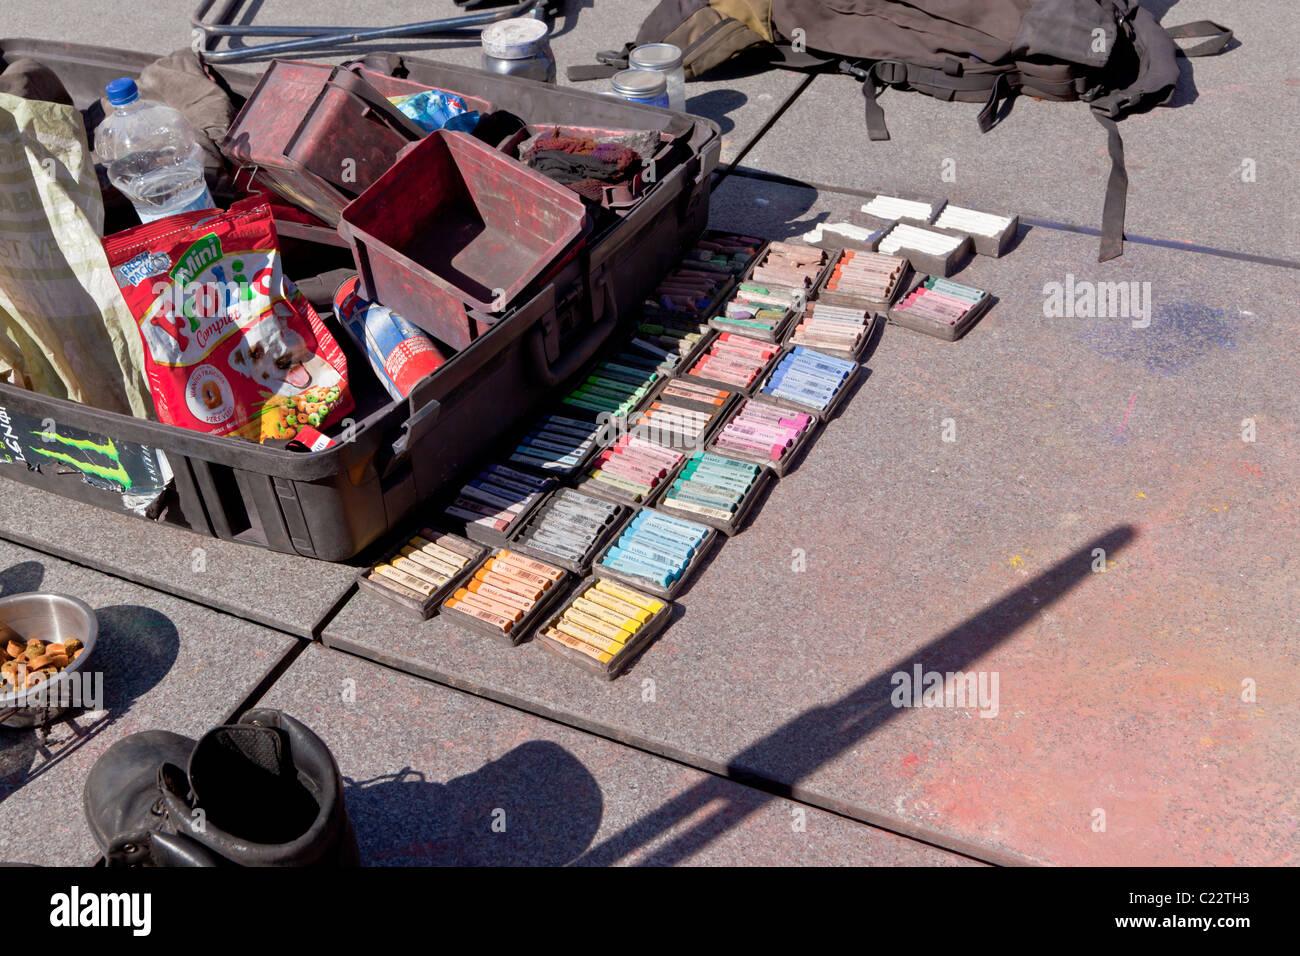 Artiste de la rue et des fournitures dans les pastels Paris France Banque D'Images